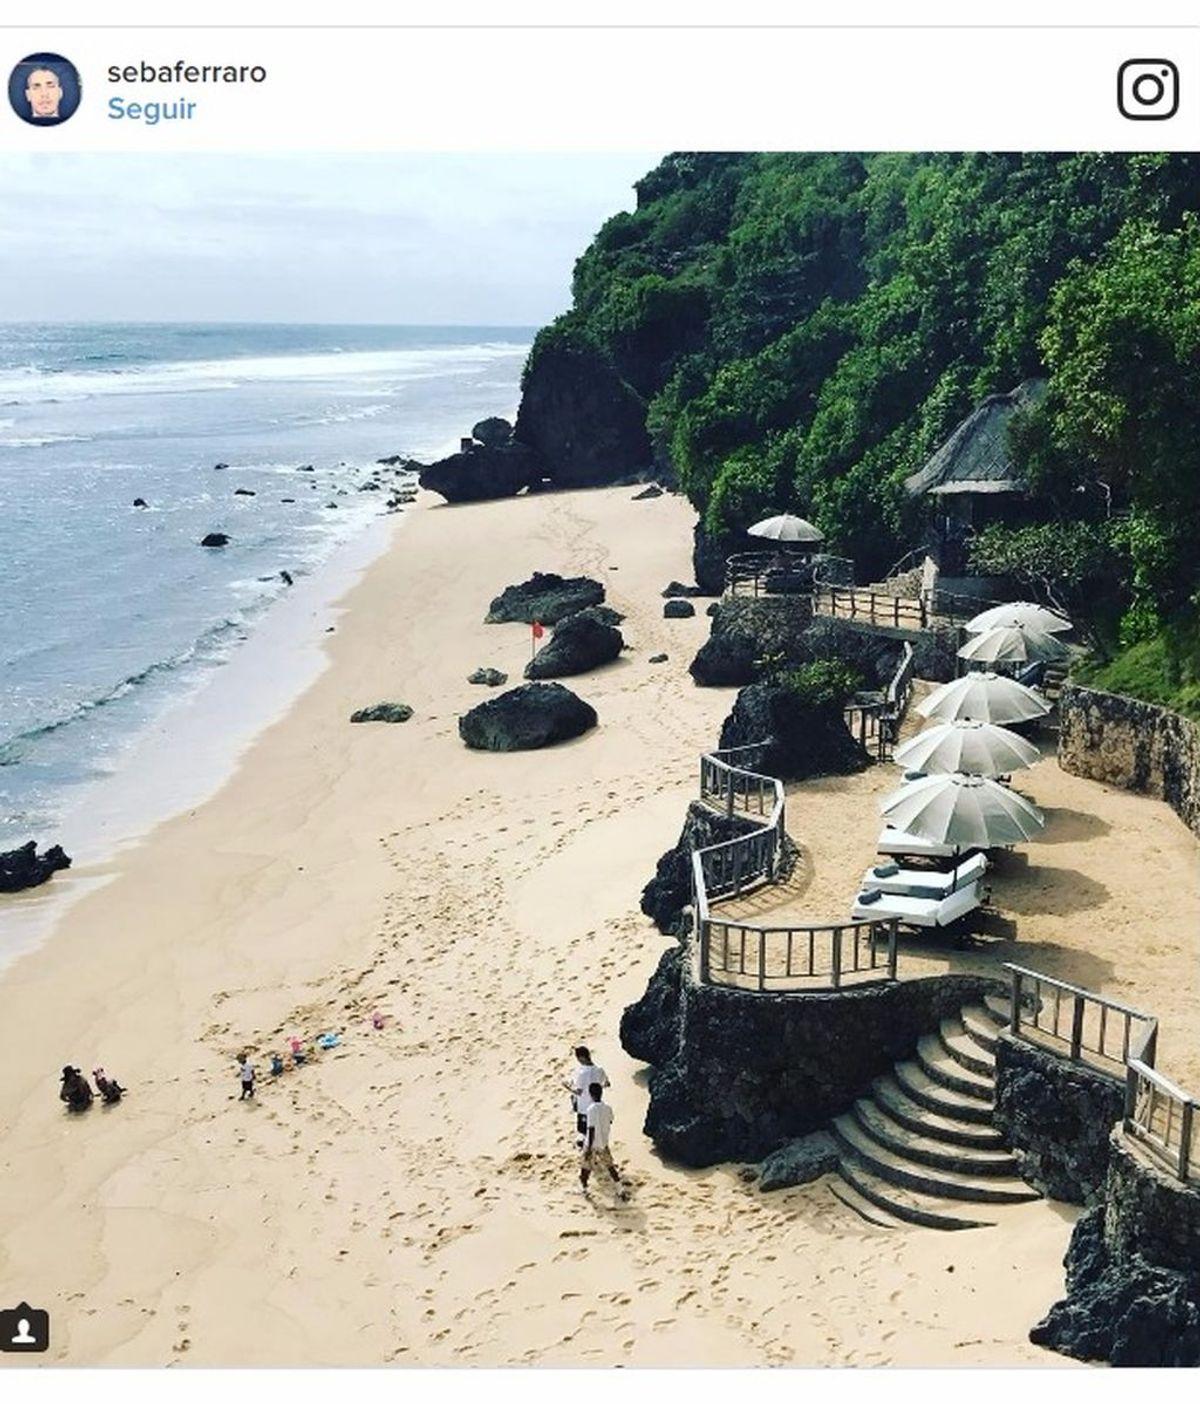 """Foto-envidia de la prenochevieja: Pelayo, en Bali y en buena compañía: """"Estamosfatal ❤️️"""""""